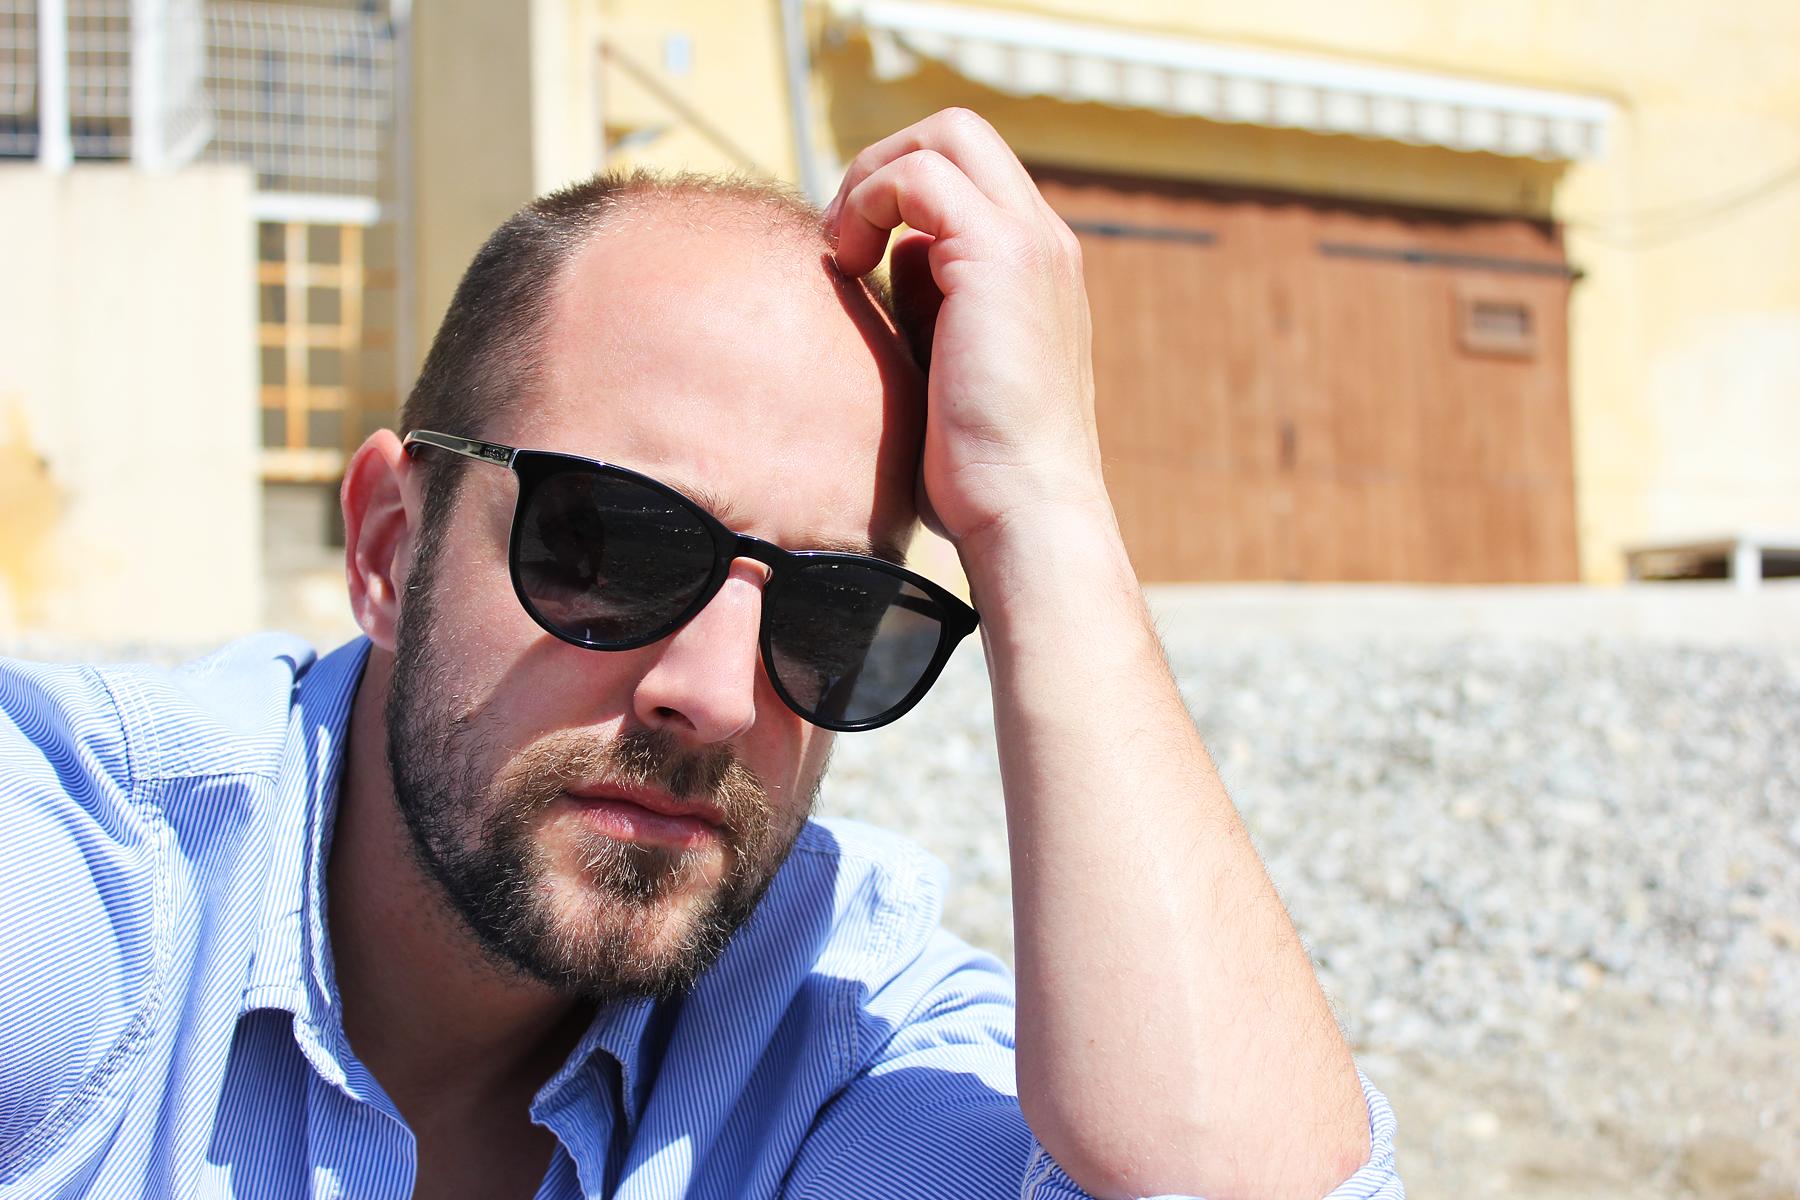 Gafas de sol hombre verano. Lentes negros polarizados